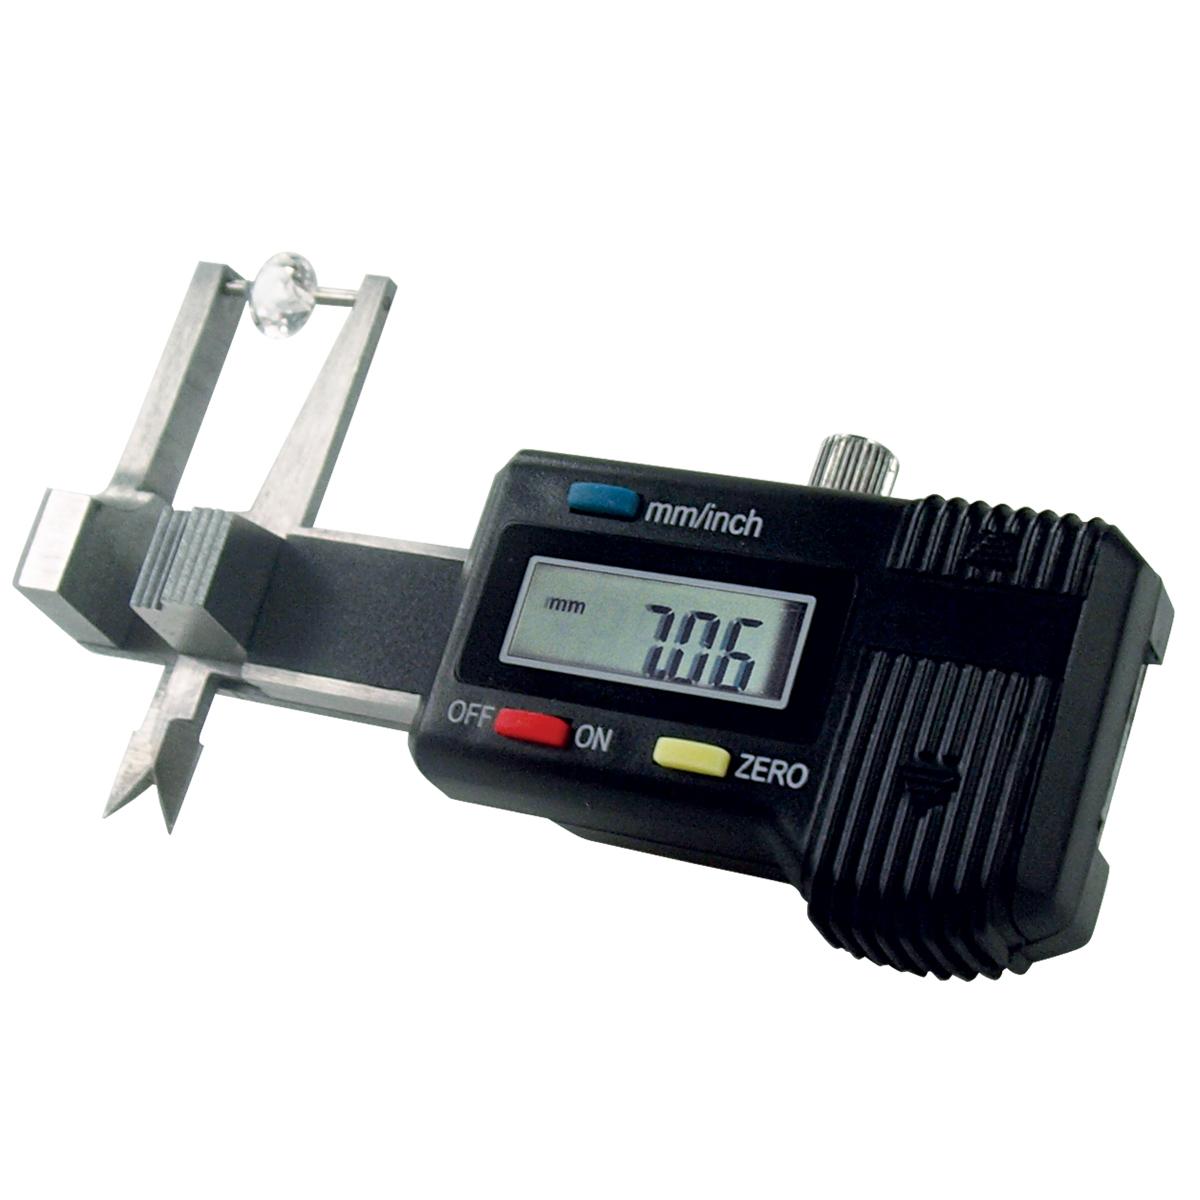 GemOro Millimeter Gauge Electronic Digital Pocket Size Gem Caliper 0.01mm-25mm